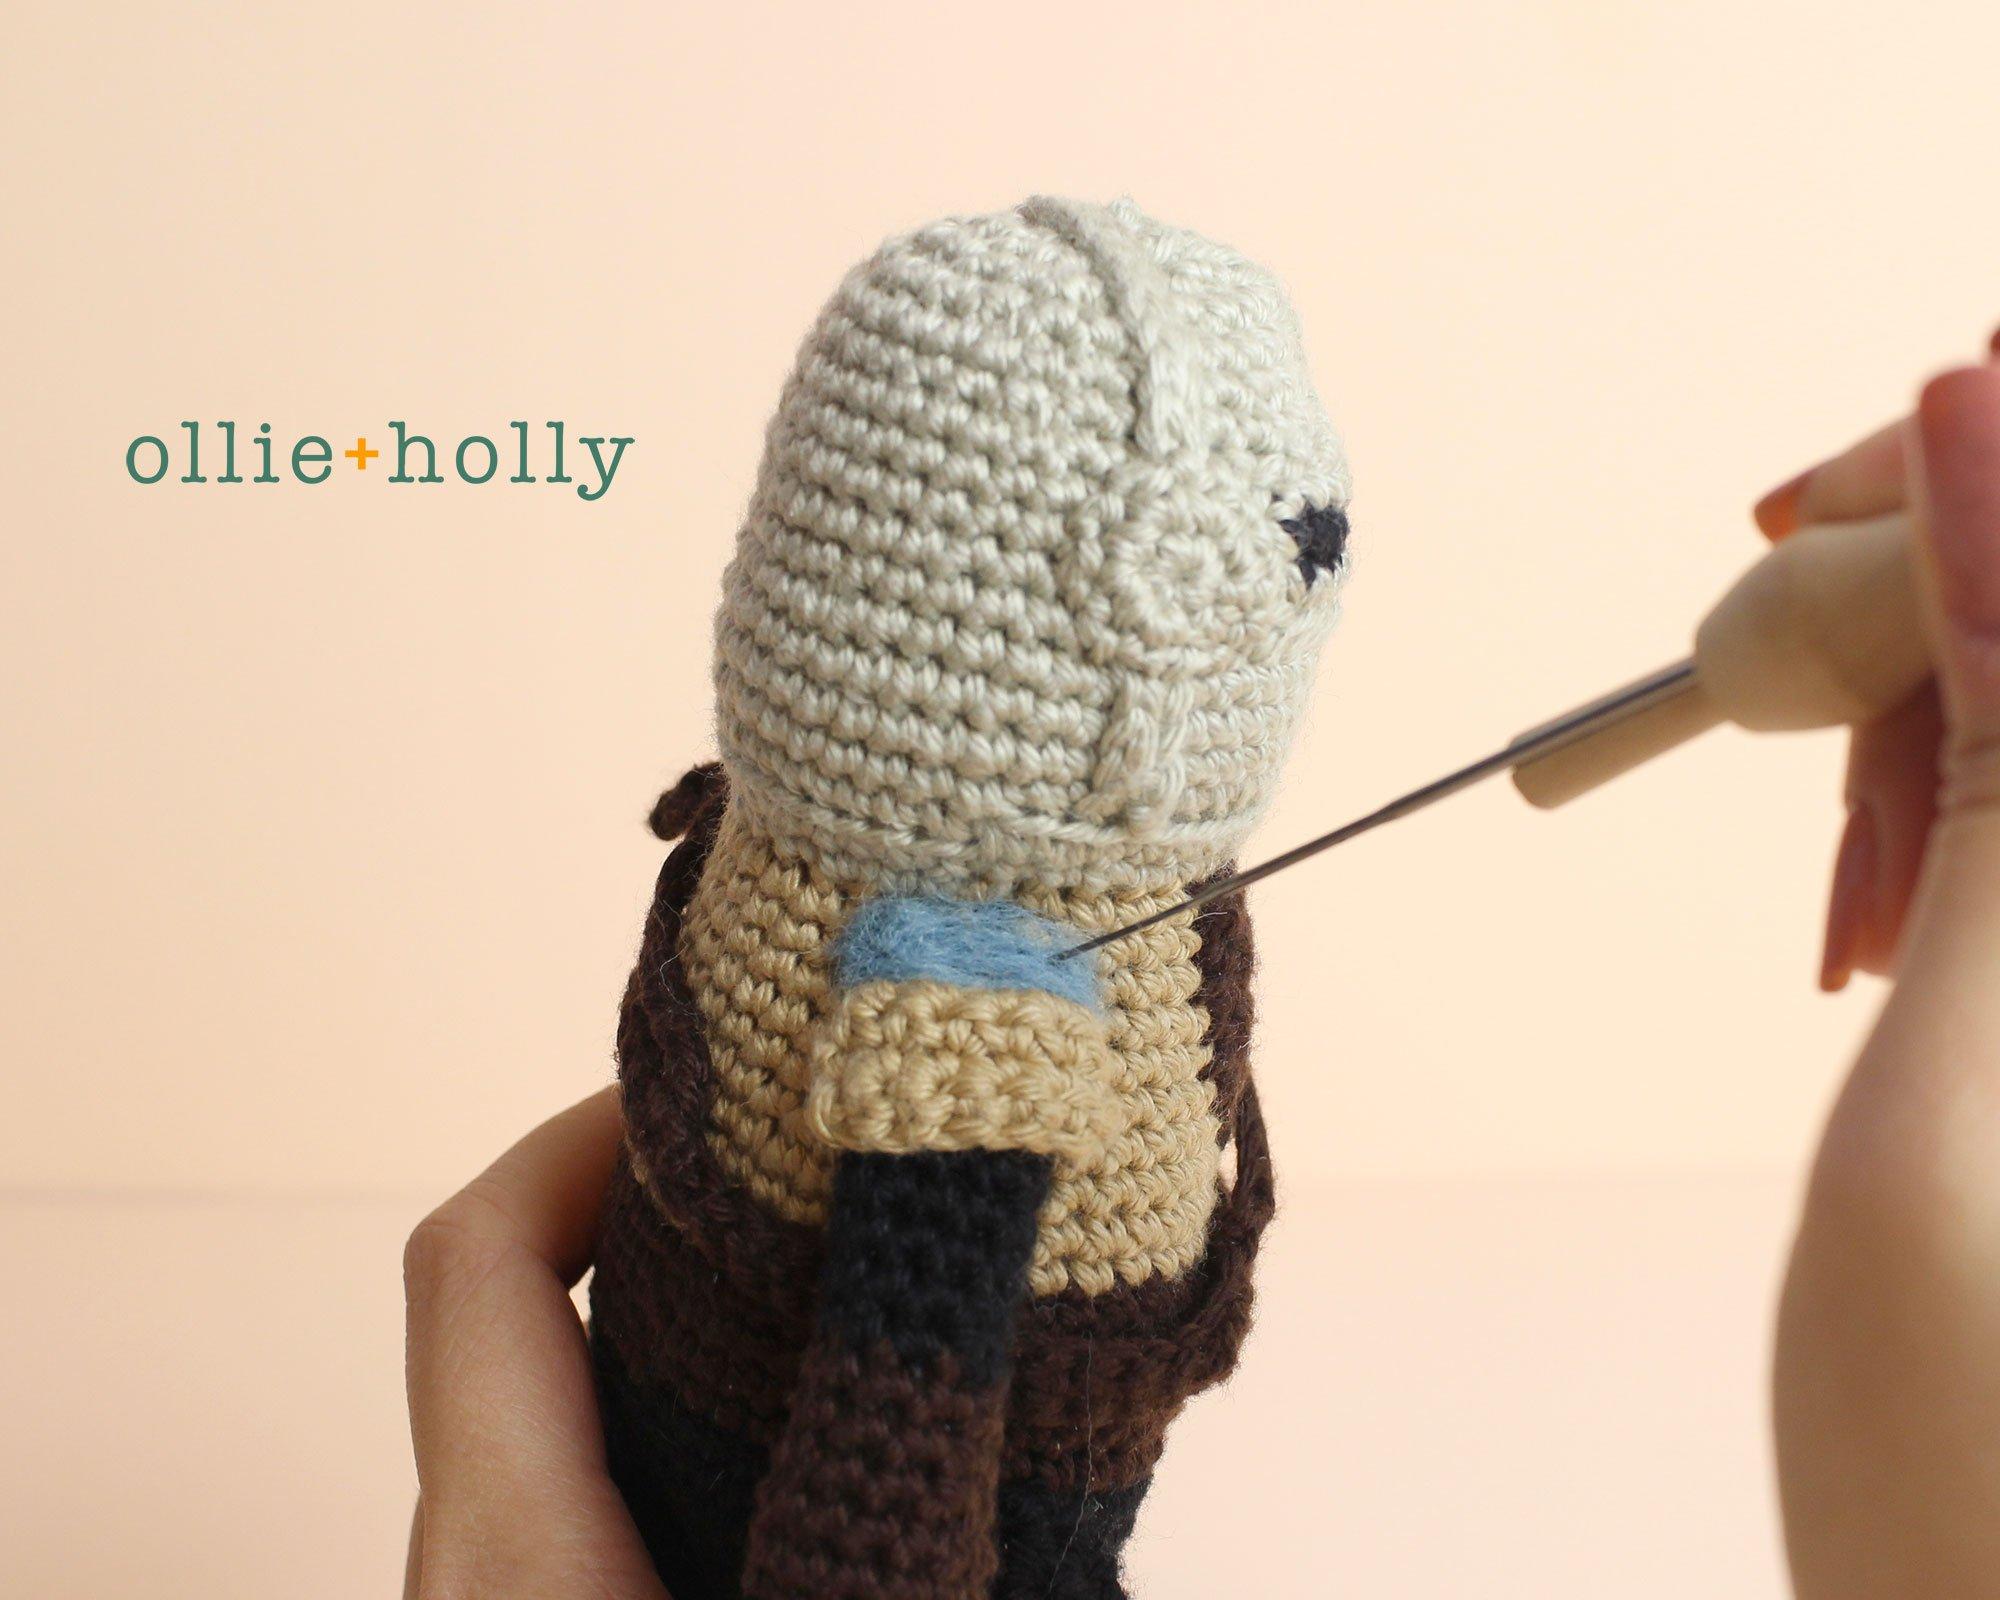 Free Mandalorian Din Djarin Amigurumi Crochet Pattern Assembly Step 14